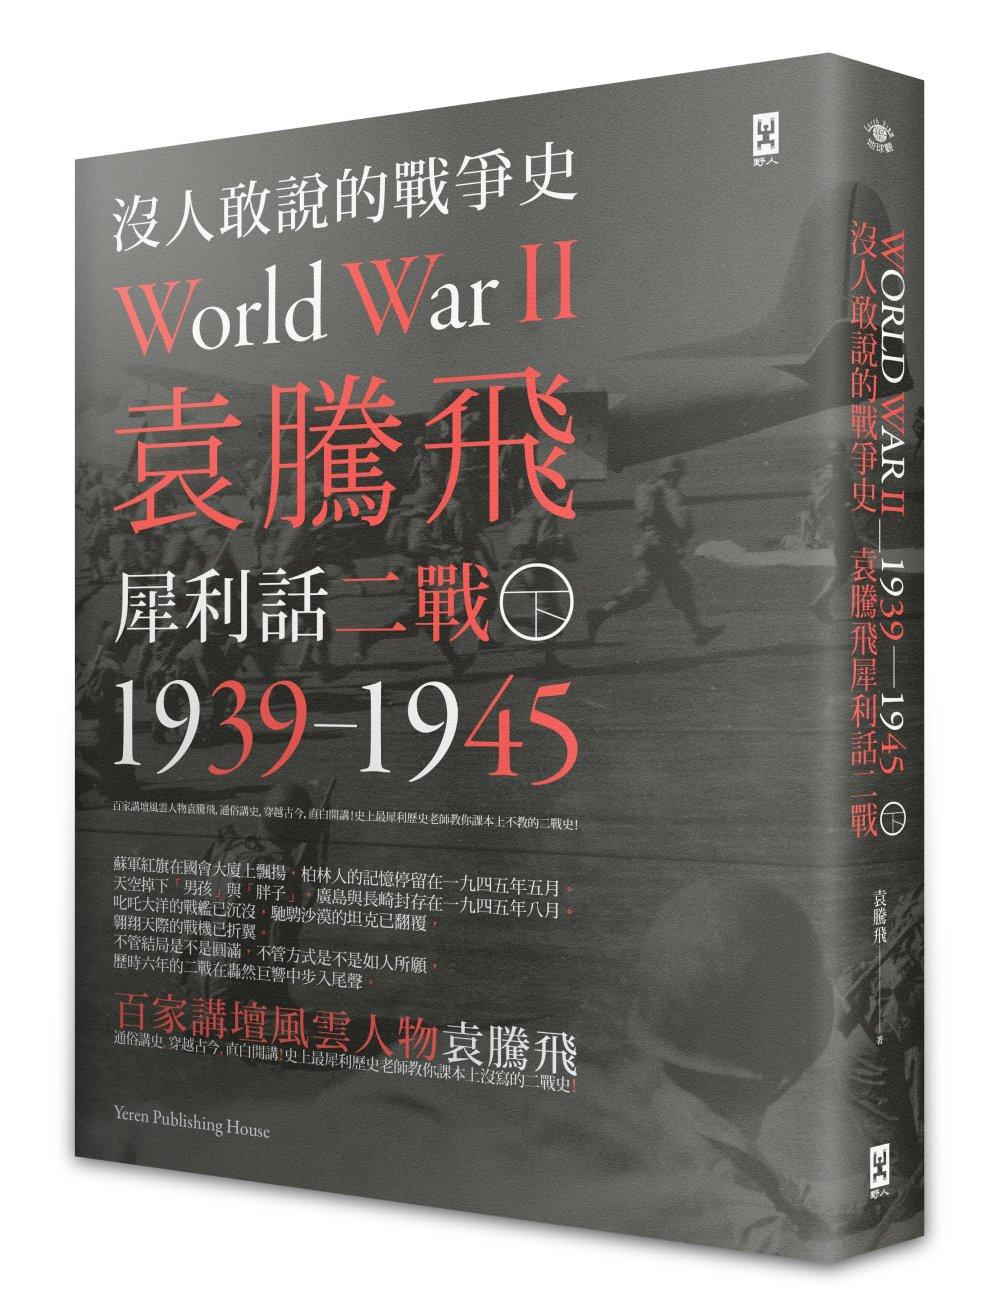 ◤博客來BOOKS◢ 暢銷書榜《推薦》沒人敢說的戰爭史:袁騰飛犀利話二戰﹝1939-1945年﹞(下冊)